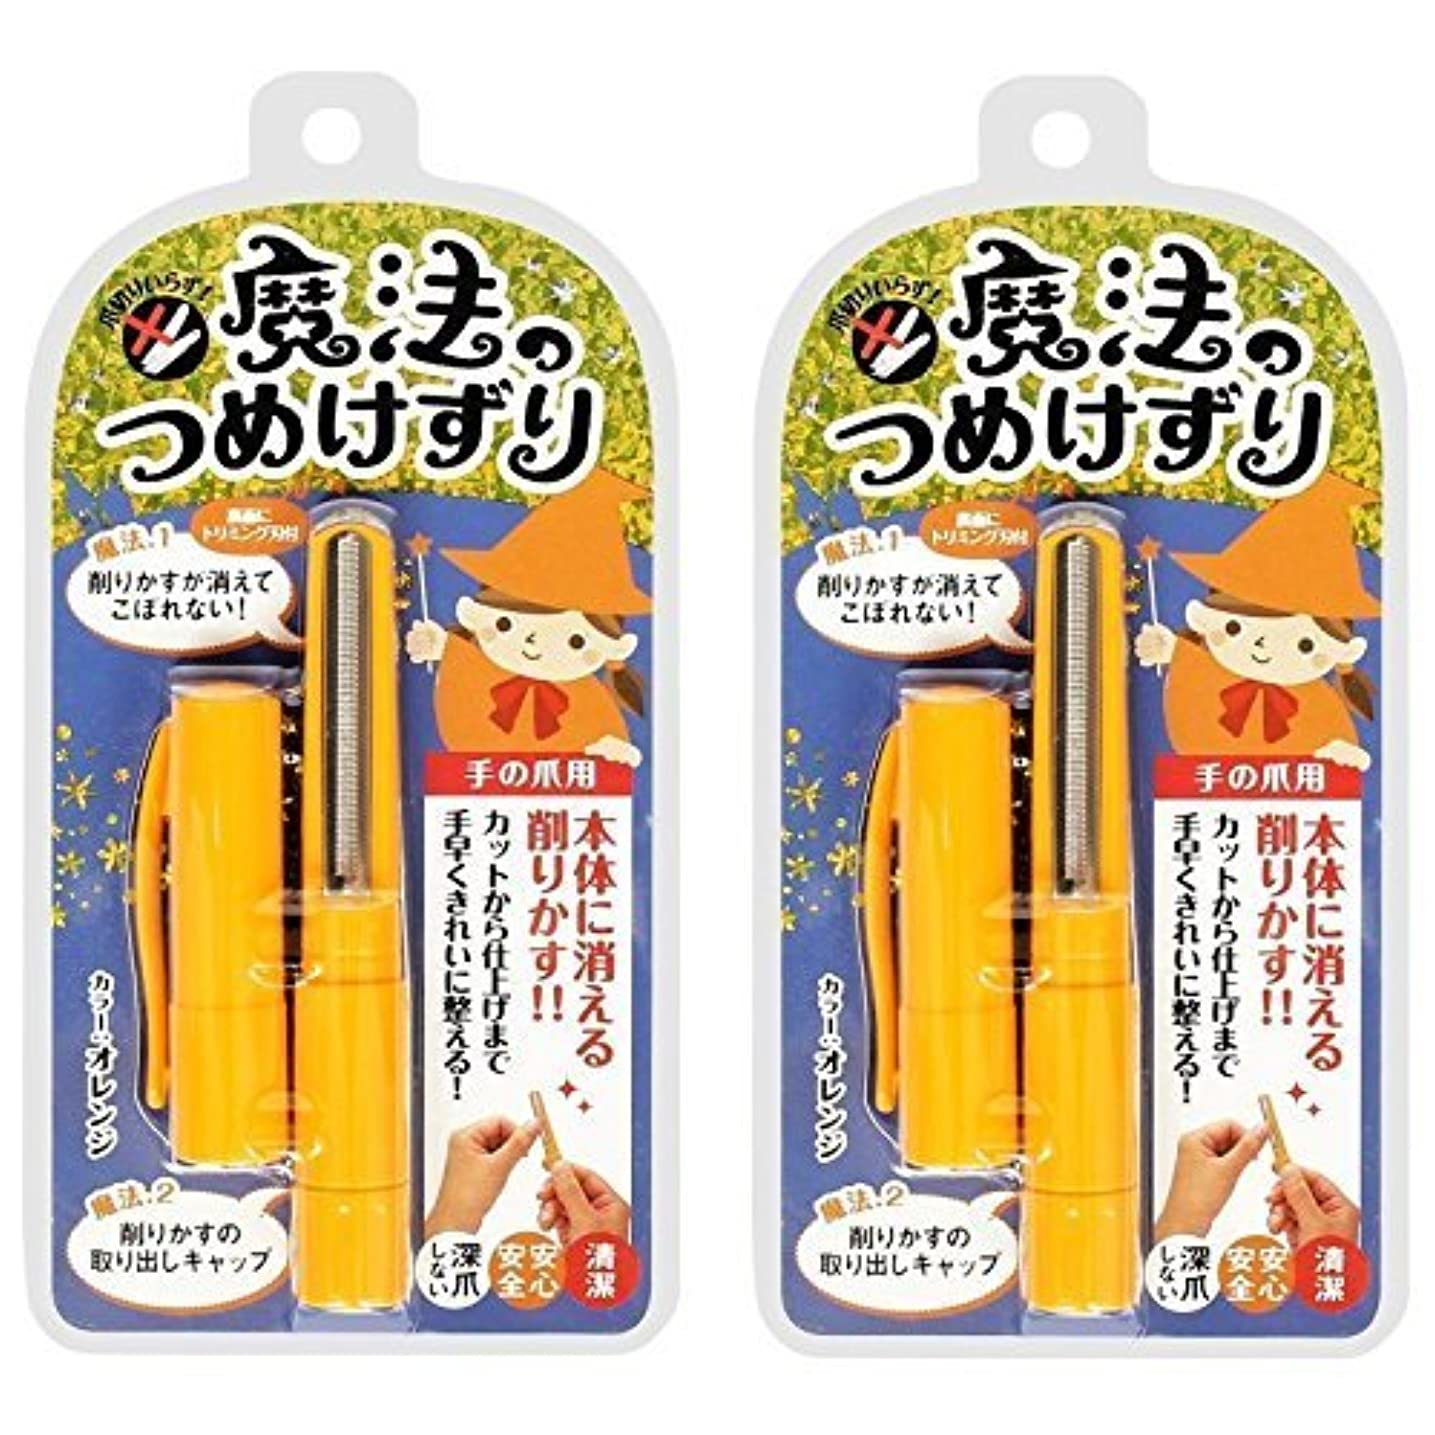 バースト歩行者報復【セット品】松本金型 魔法のつめけずり MM-090 オレンジ (2個)